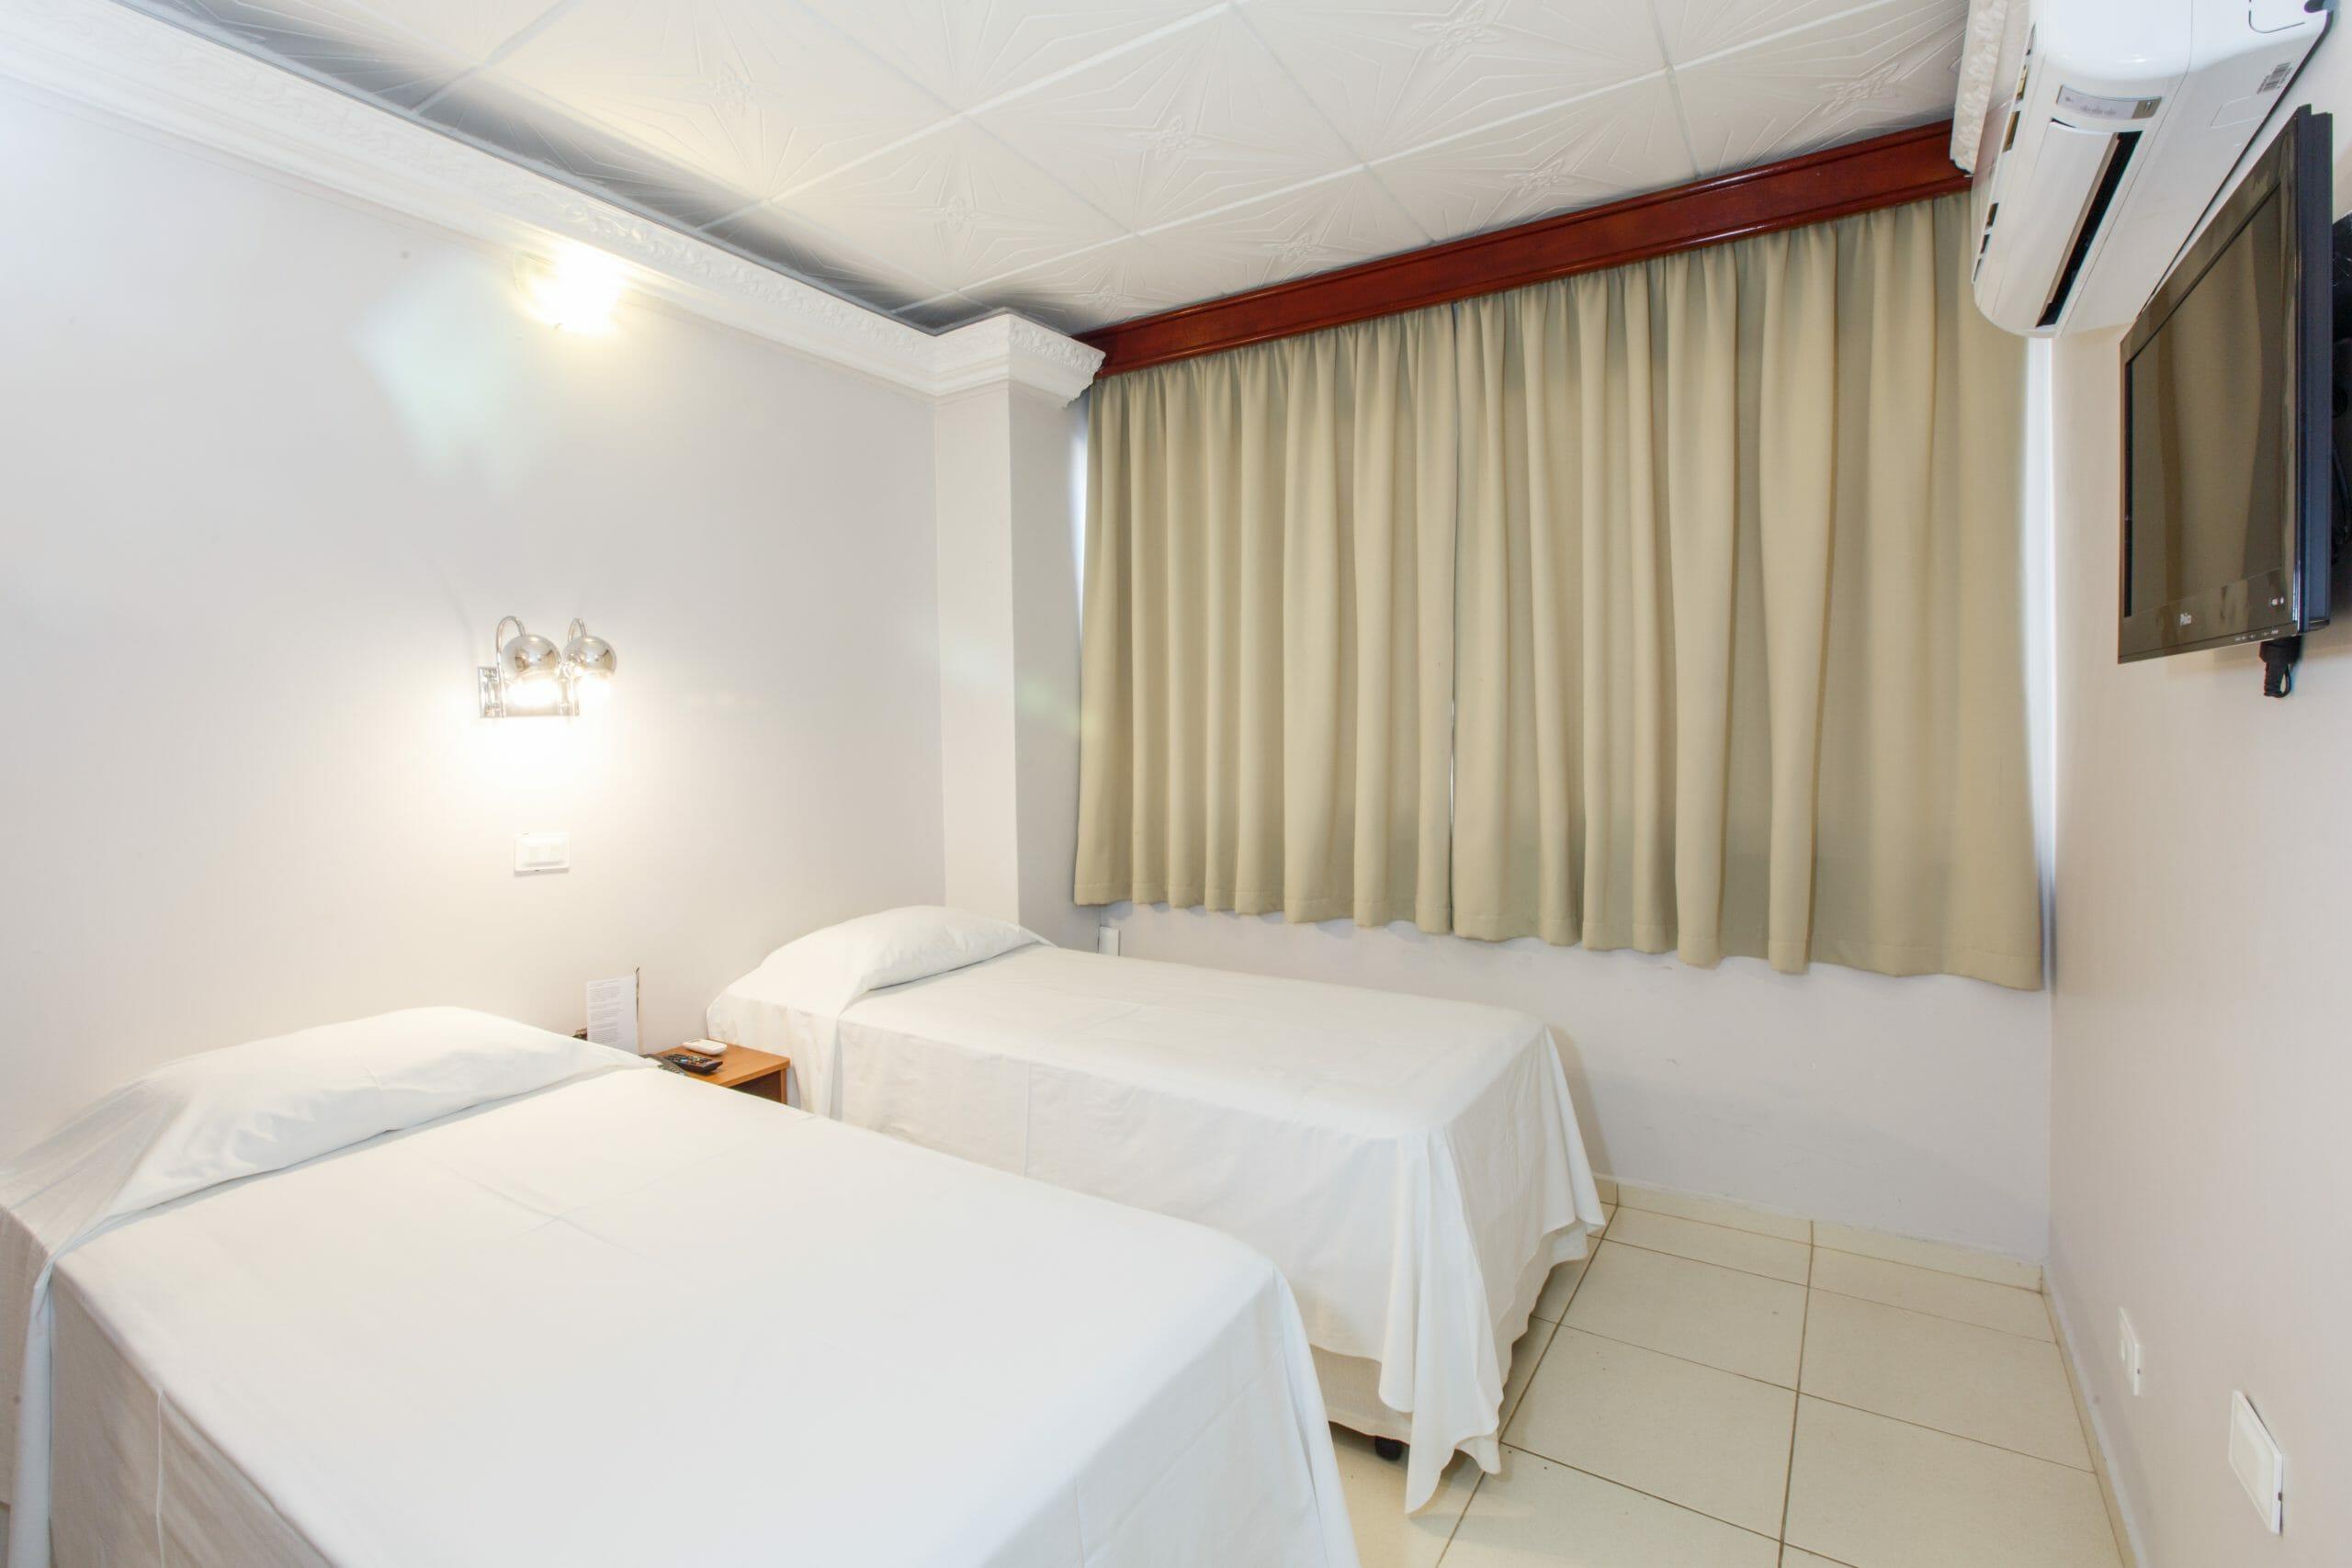 , Mirante Hotel é destaque na rede hoteleira de Foz do Iguaçu, Passeios em Foz do Iguaçu | Combos em Foz com desconto, Passeios em Foz do Iguaçu | Combos em Foz com desconto